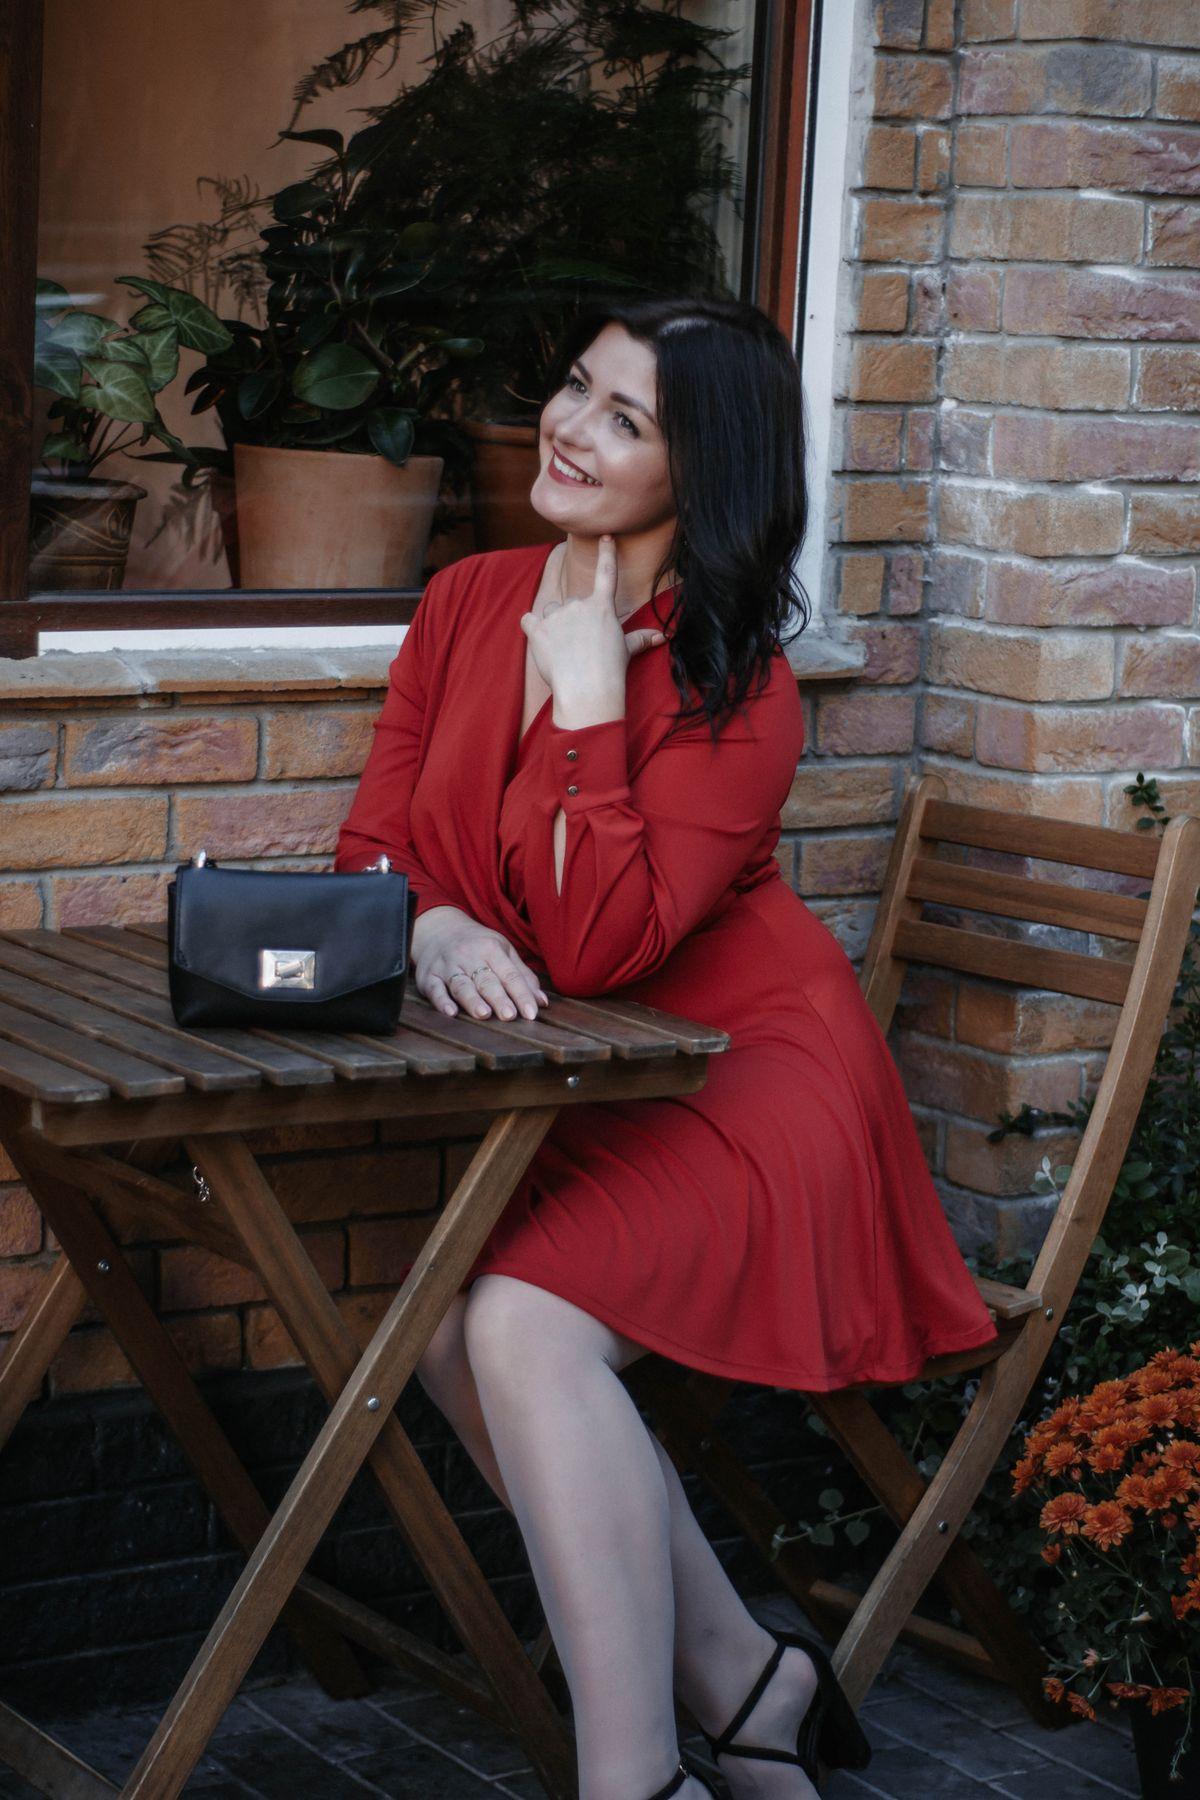 a la monica bellucci девушка цветы красный моника платье помада брюнетка осень